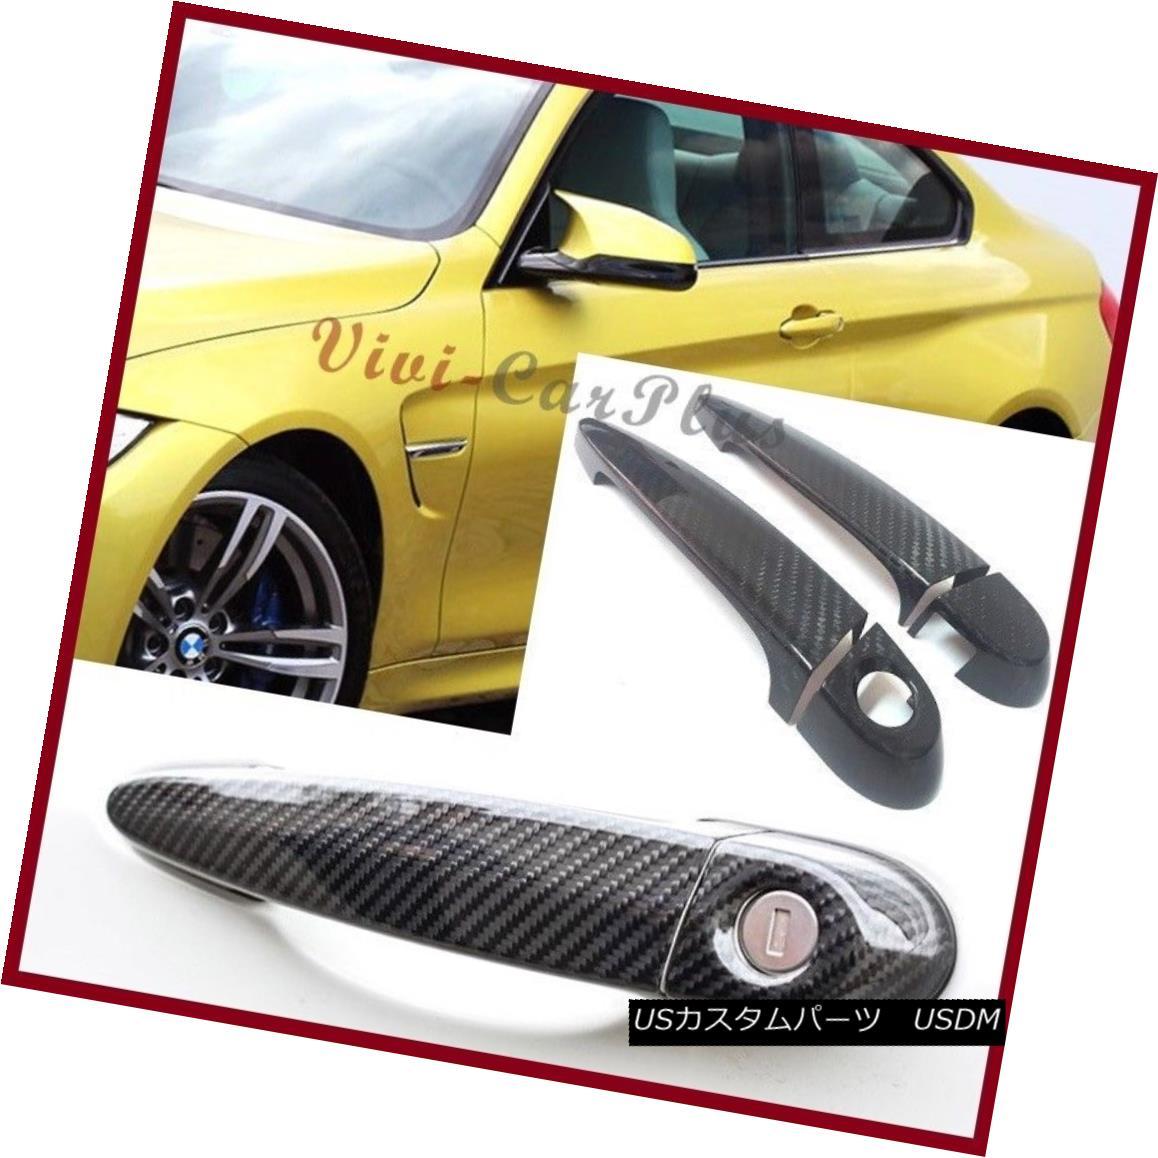 エアロパーツ For 2015 UP BMW F82 M4 Coupe Convertible 3K Carbon Fiber Door Handle Cover Set 2015 UP用BMW F82 M4 Coupe Convertible 3Kカーボンファイバードアハンドルカバーセット